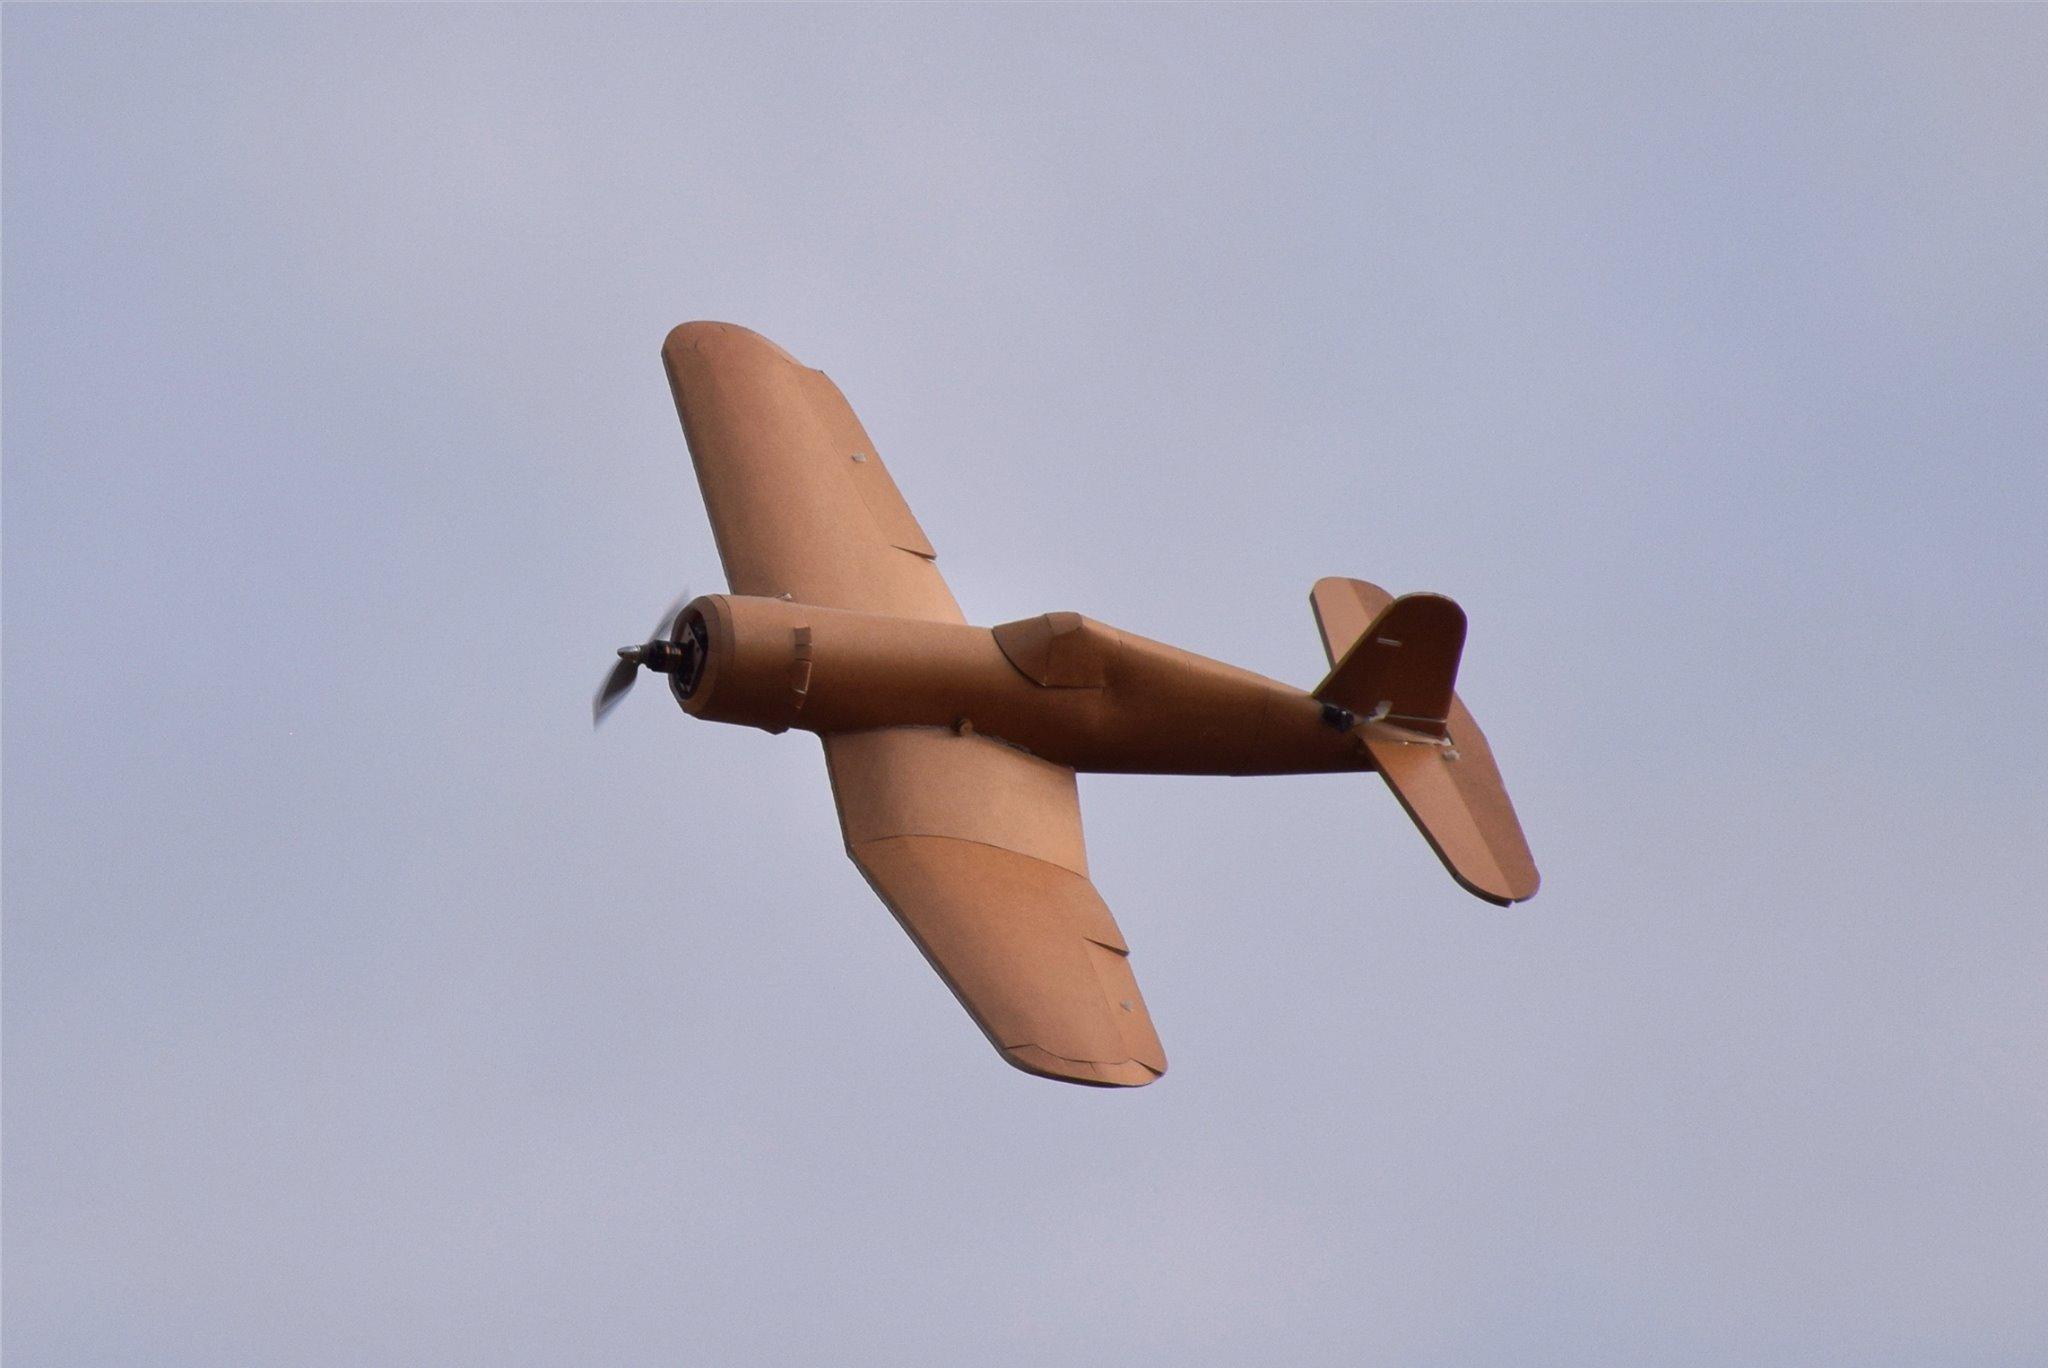 FT Corsair - Release! | Flite Test